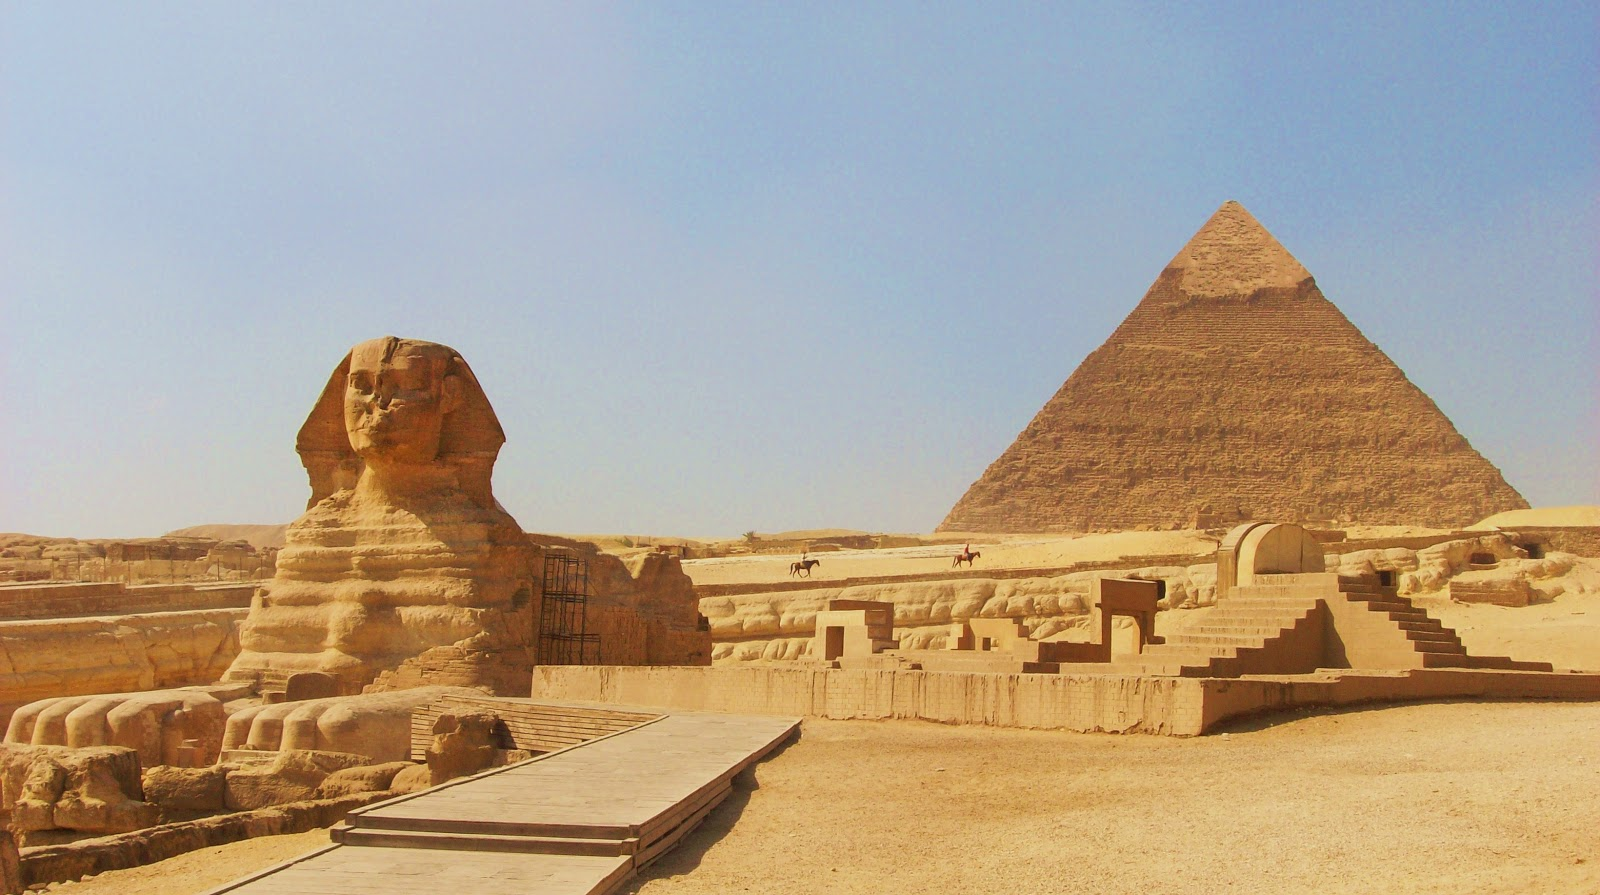 http://4.bp.blogspot.com/-sxkoLy2mTqI/UOMiqHeeWTI/AAAAAAAASP4/VRnmT9JqZcg/s1600/piramides+egipto+(1).jpg